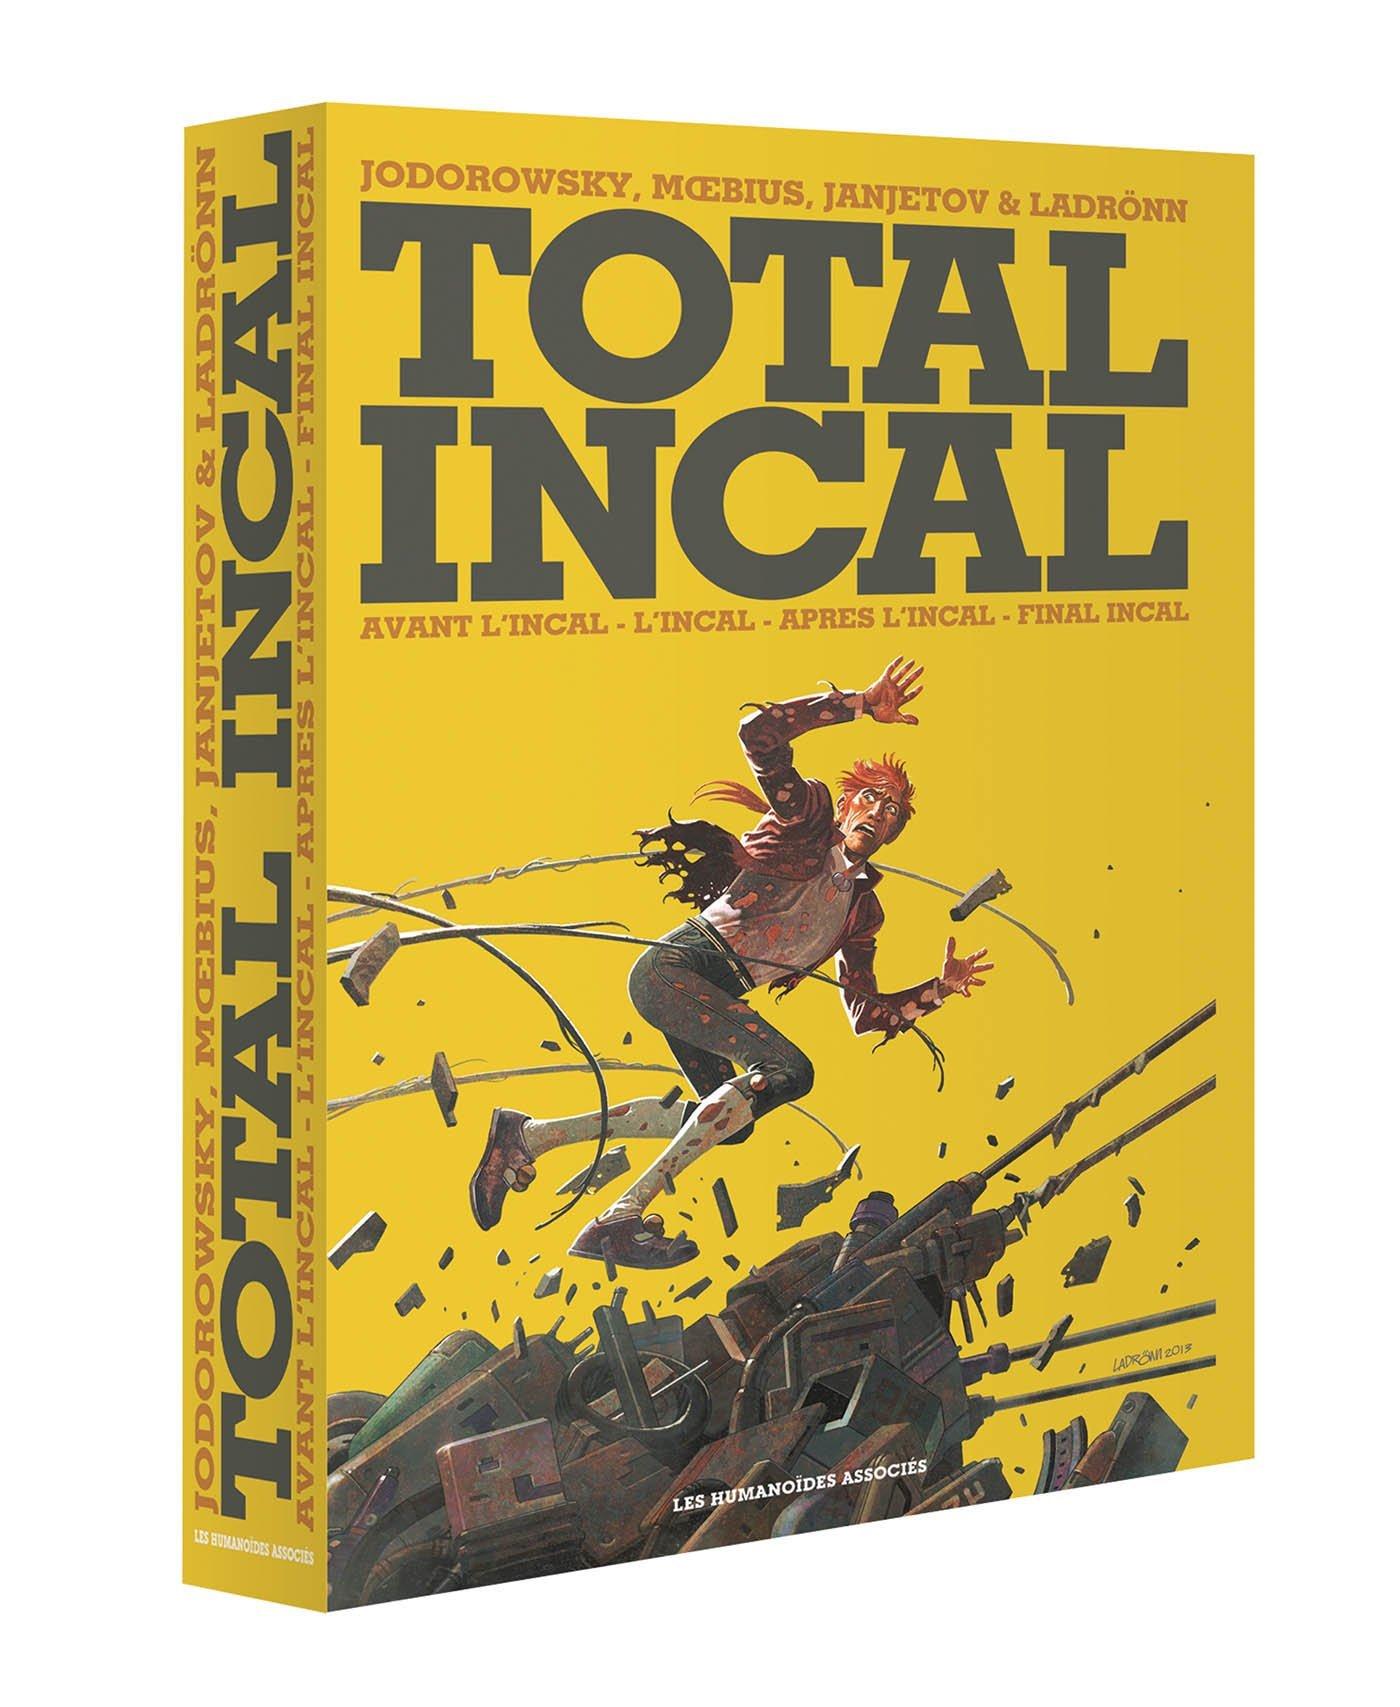 Total Incal (Coffret): Avant LIncal - LIncal - Apres LIncal - Final Incal Alejandro Jodorowsky